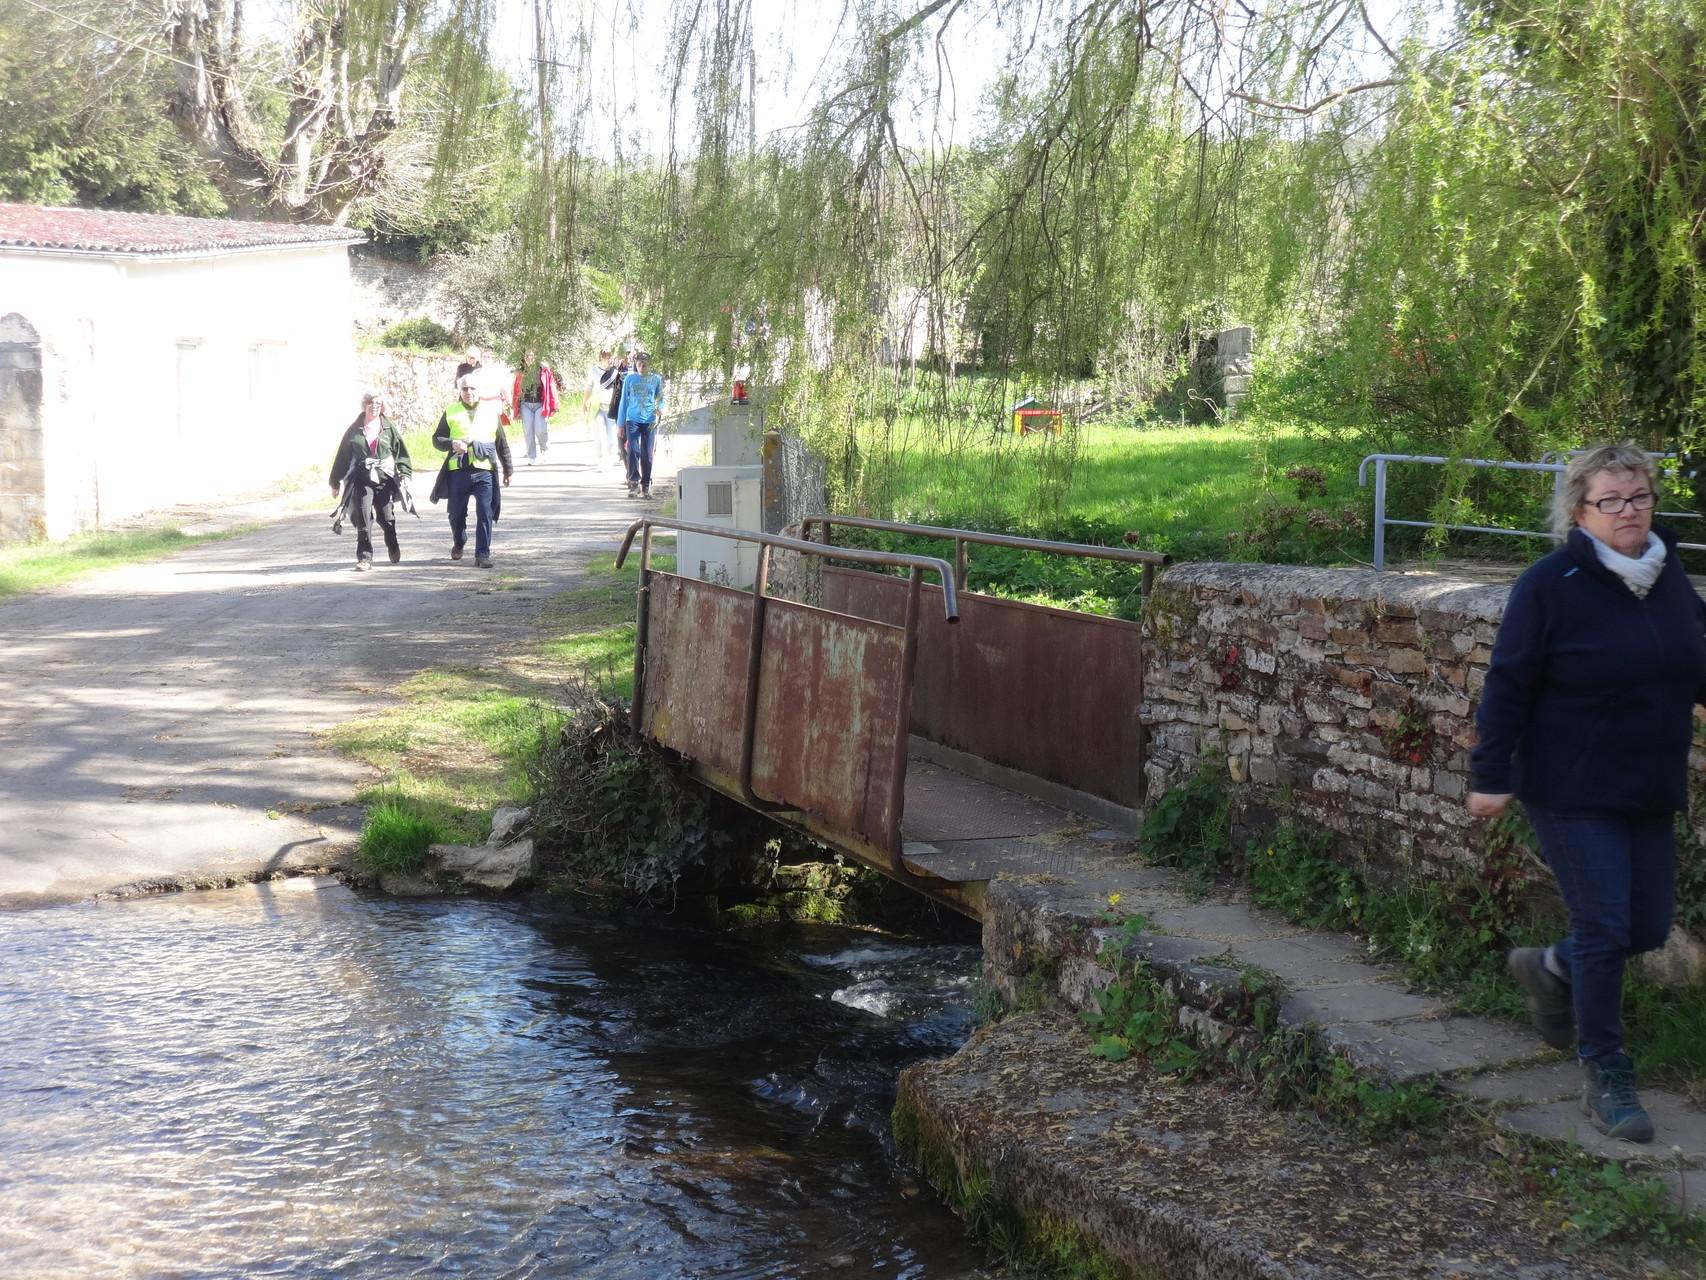 Entre le bas de Vieux et Amayé ... le pont pour les piétons